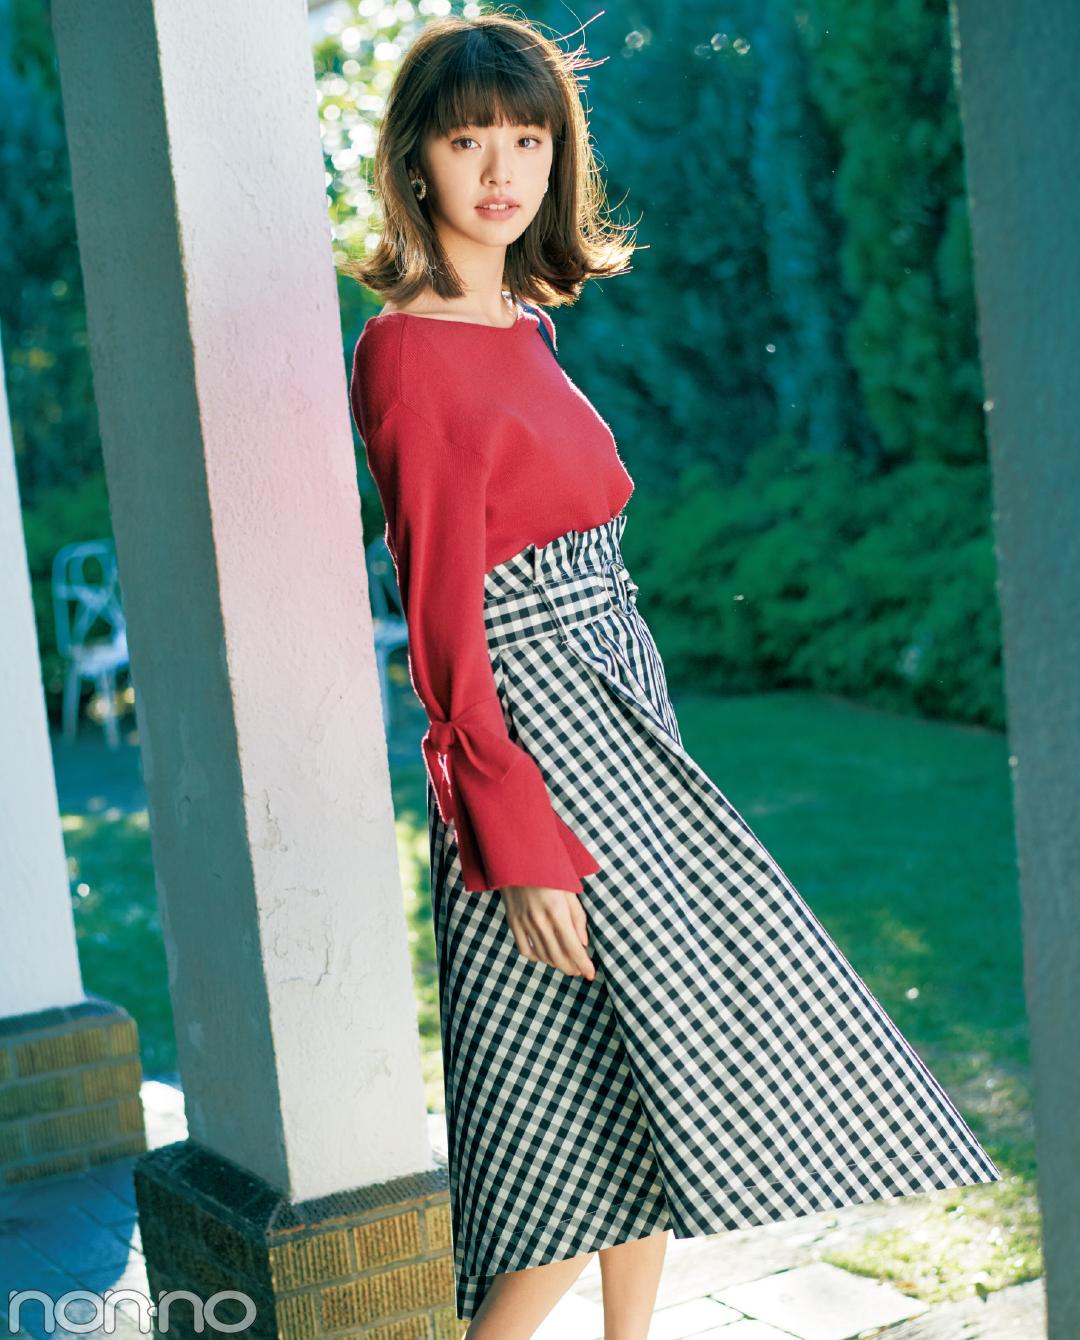 ギンガムチェックのスカート、春一番はこう着る!_1_2